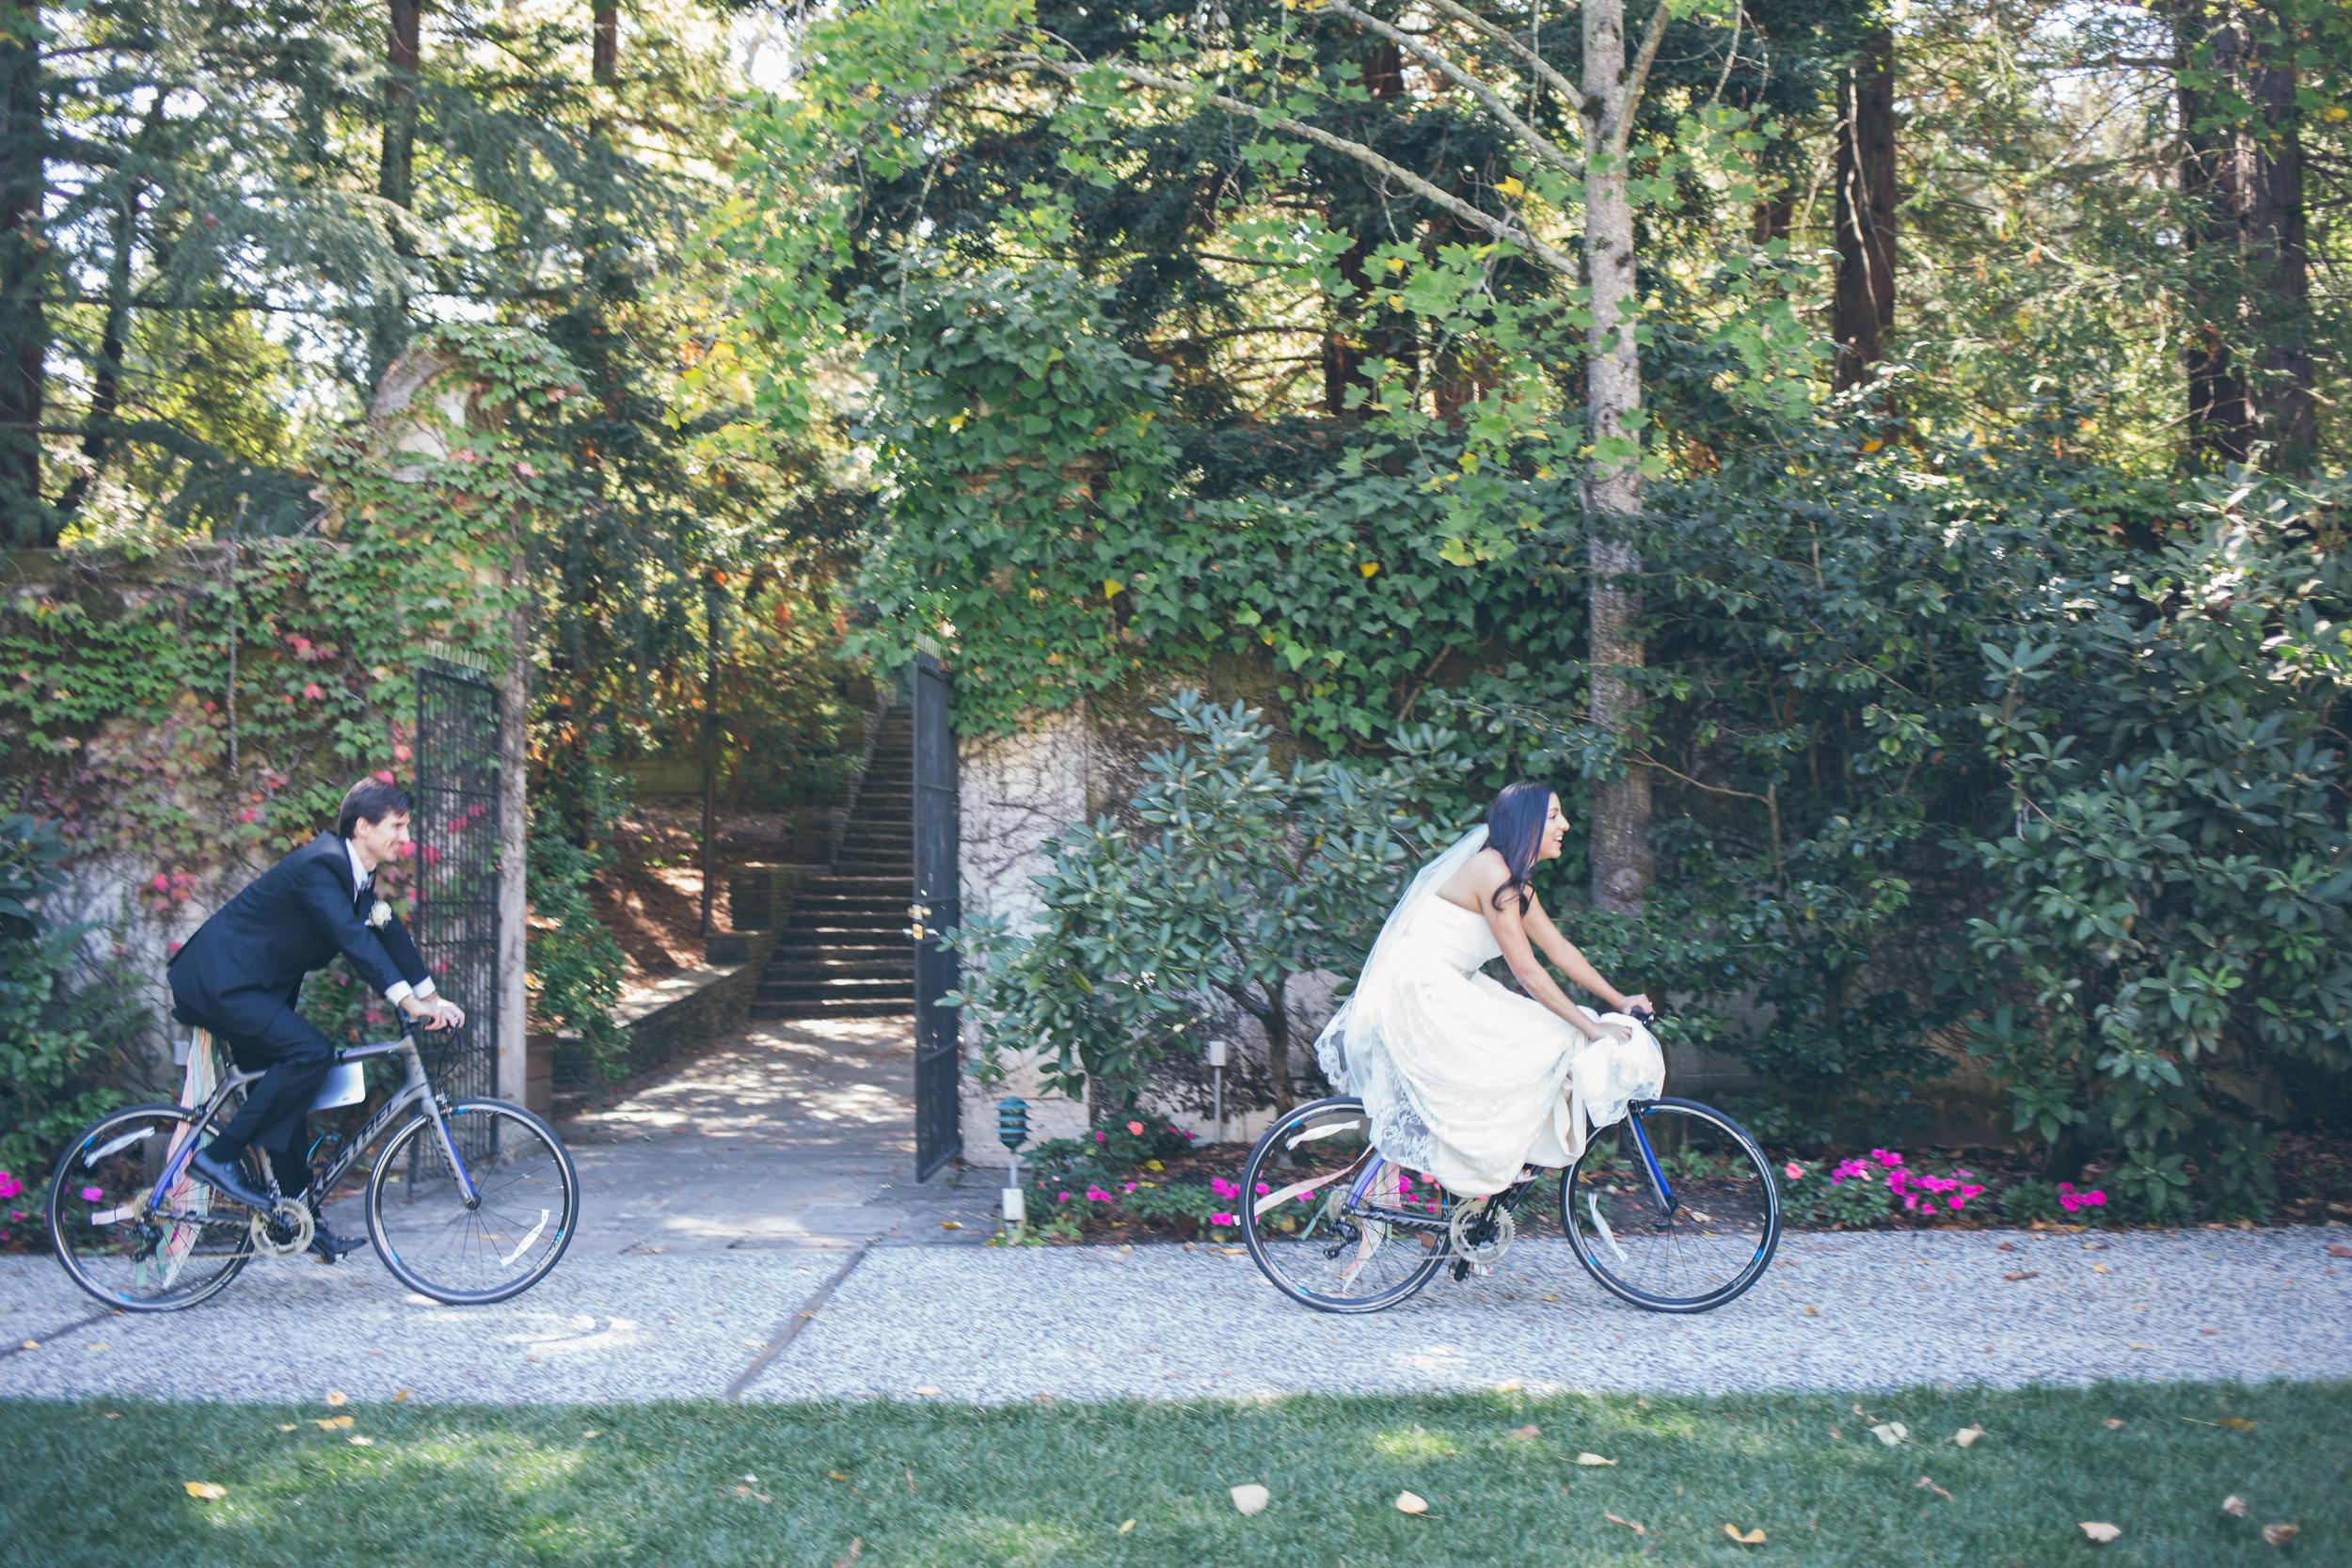 Hacienda De Las Flores Garden Wedding / Moraga Wedding Photographer - Ashley & Mike